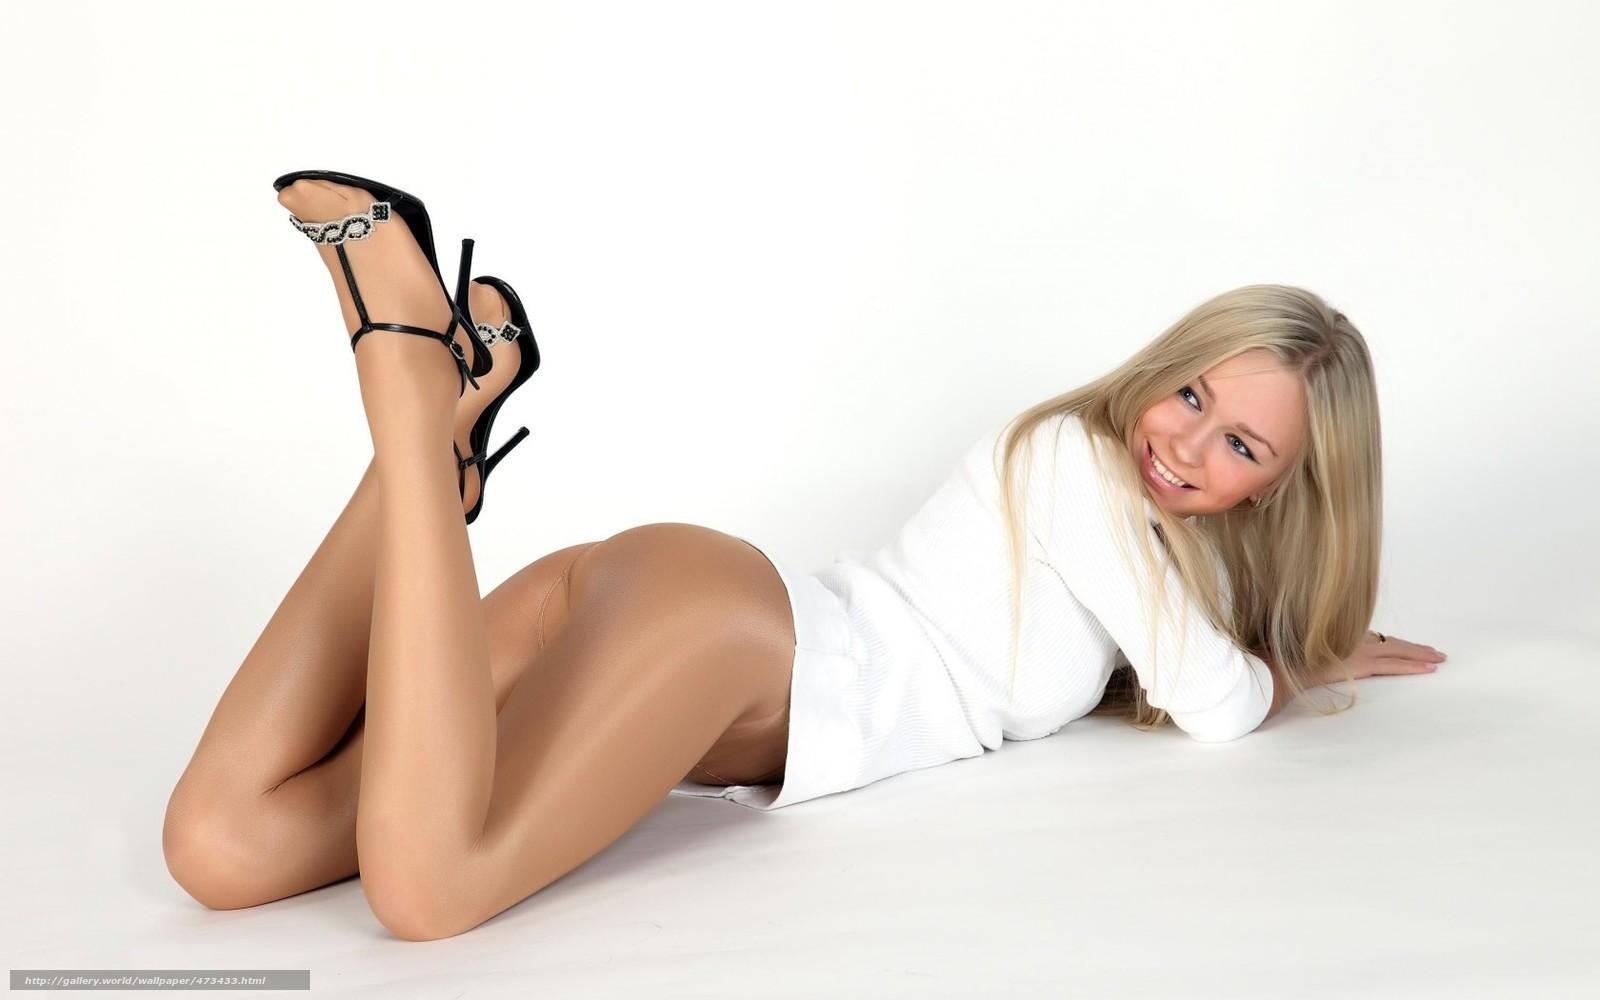 Фотки скрасивими ножками вколготах 27 фотография